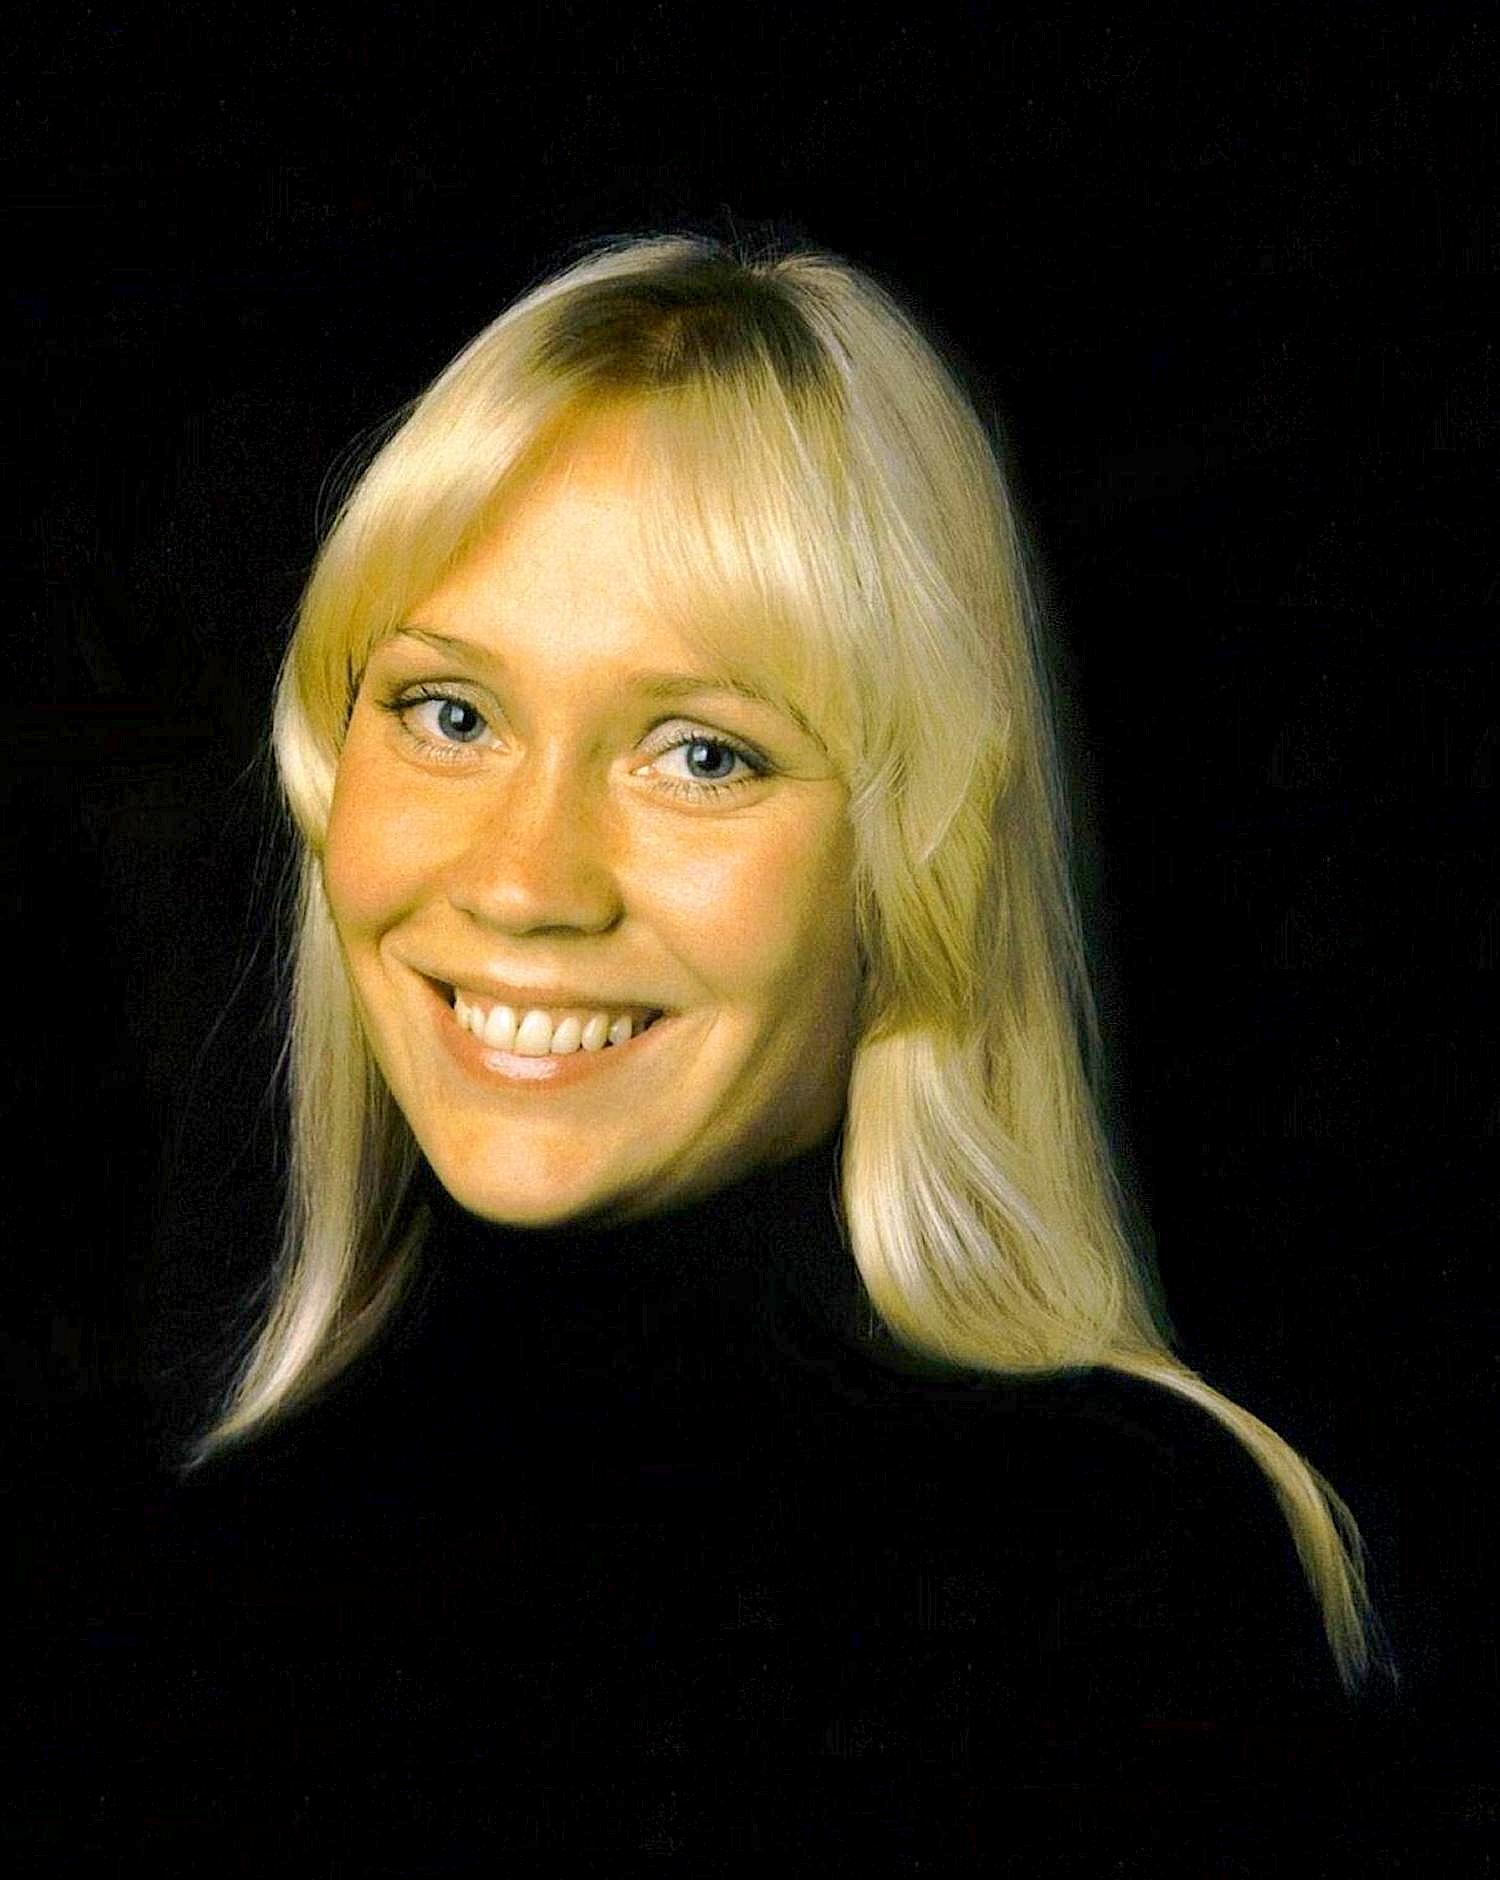 Agneta Fältskog